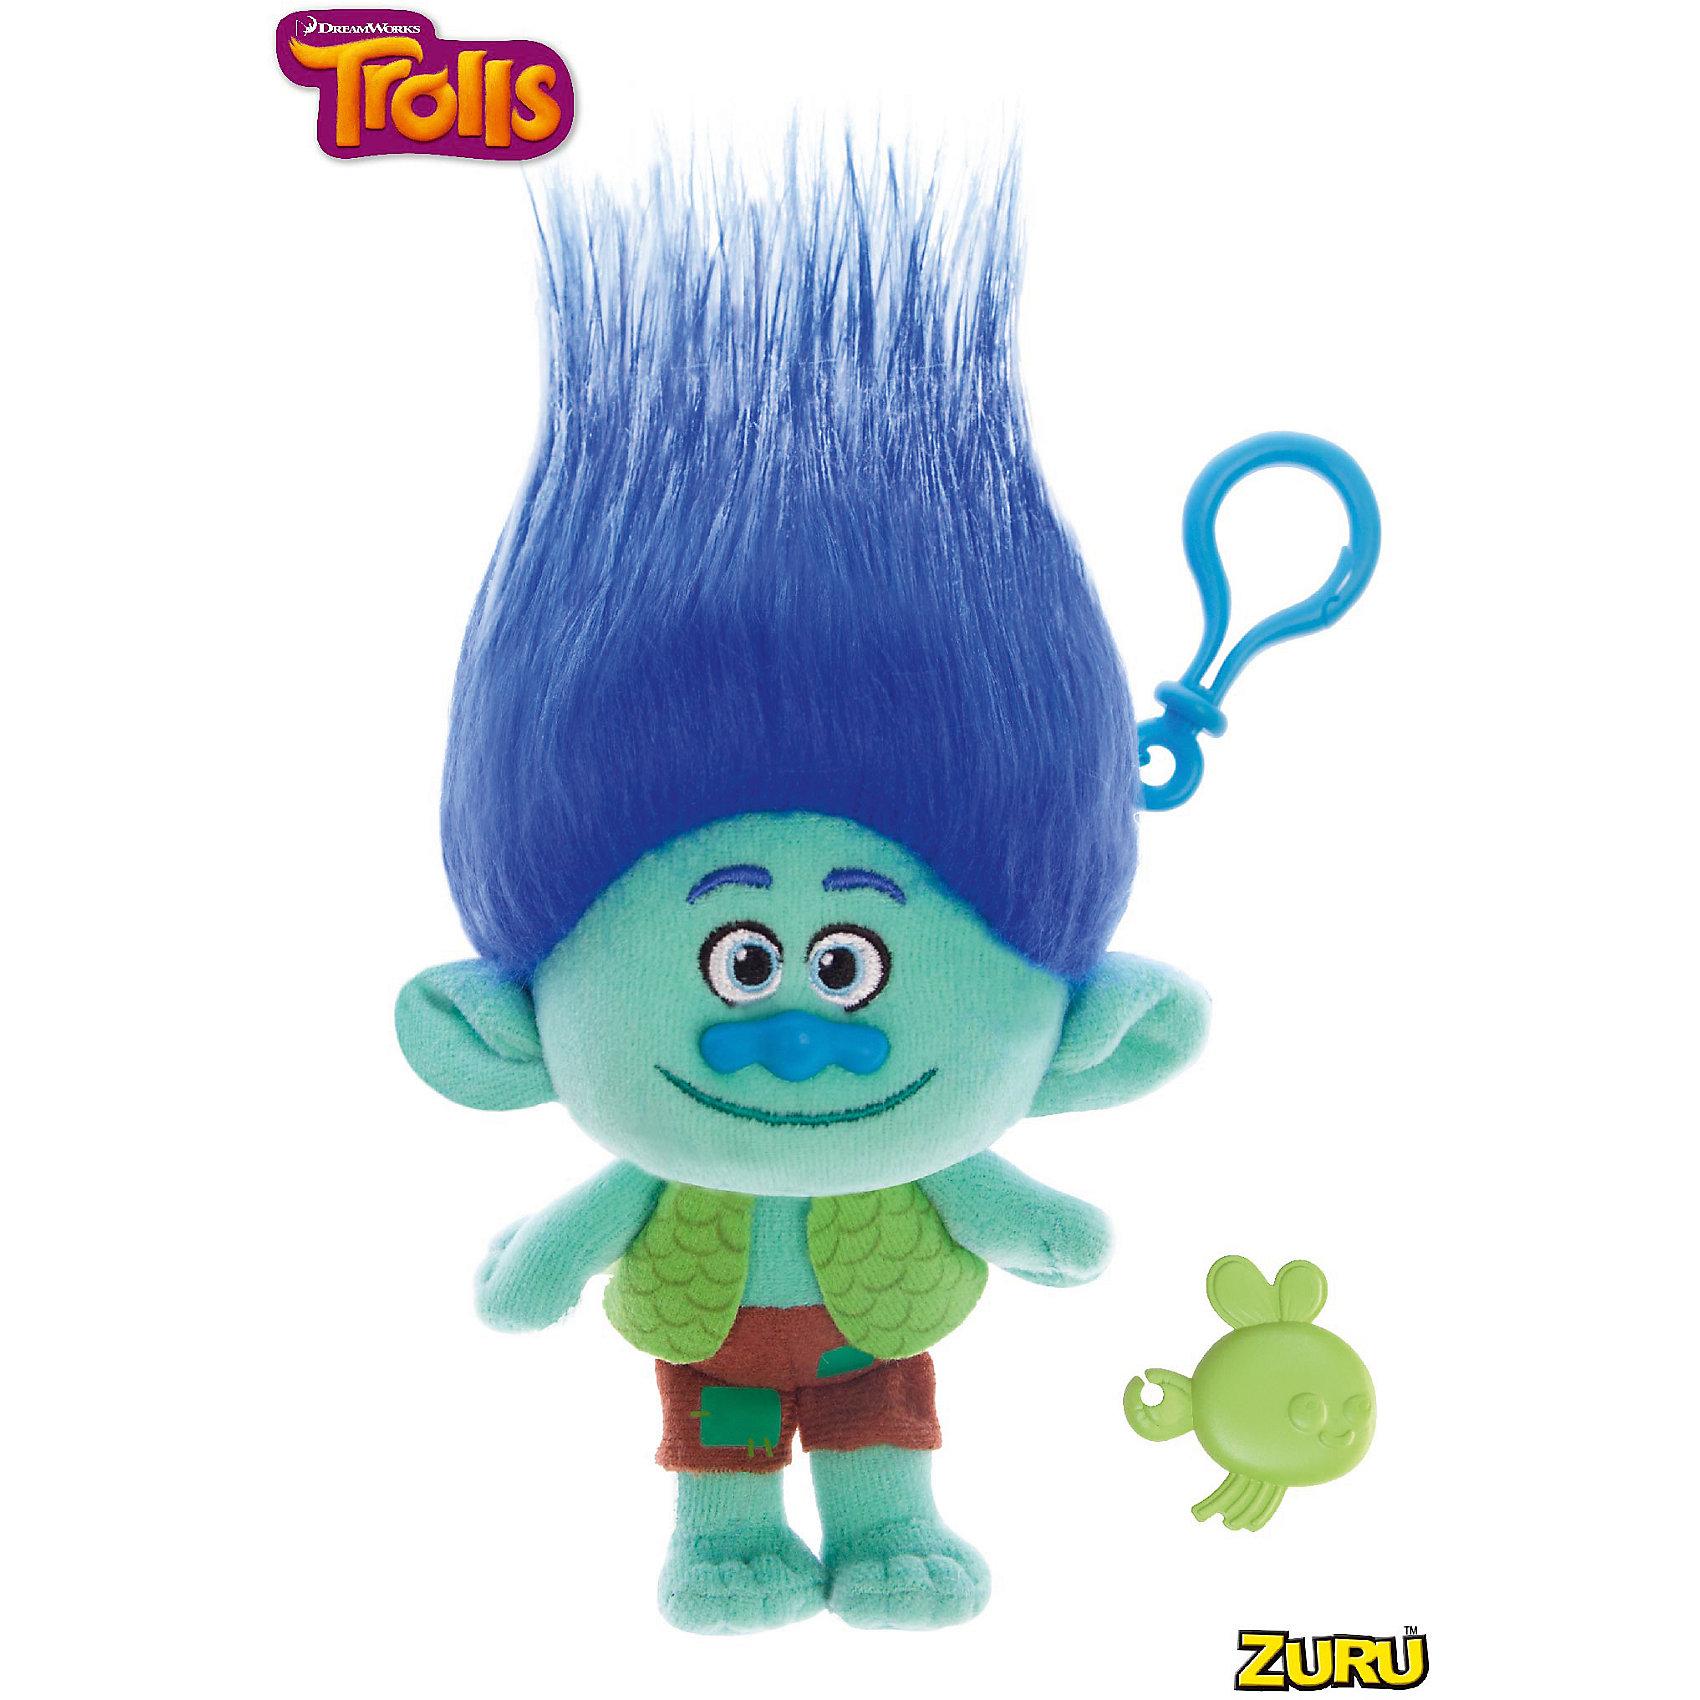 Тролль-кукла Цветан, 26 смТролль-кукла Цветан, 26 см - игрушка, которая наверняка порадует всех поклонников мультфильма Тролли. <br>Тролли - смешная и увлекательная анимационная комедия от студии DreamWorks. Фильм повествует об удивительном и сказочном мире,  в котором проживают не менее удивительные существа - тролли и их  противники - бергены. Тролли - веселые беззаботные создания, привыкшие петь и танцевать дни напролет. Бергены же наоборот, чувствуют себя счастливыми только тогда, когда тролли оказываются в их желудке. <br><br>Цветан является одним из главных героев, и вместе с принцессой Розочкой Цветан помогает спасти своих друзей от Бергенов.<br><br>Дополнительная информация:<br><br>- Высота игрушки: 26 см.<br>- В комплект вместе с игрушкой входят расческа для волос тролля и карабин.<br>- Материалы: текстиль, пластмасса.<br><br>Тролль-куклу Цветан, 26 см можно купить в нашем интернет-магазине.<br><br>Ширина мм: 200<br>Глубина мм: 70<br>Высота мм: 260<br>Вес г: 210<br>Возраст от месяцев: 36<br>Возраст до месяцев: 2147483647<br>Пол: Унисекс<br>Возраст: Детский<br>SKU: 4919071